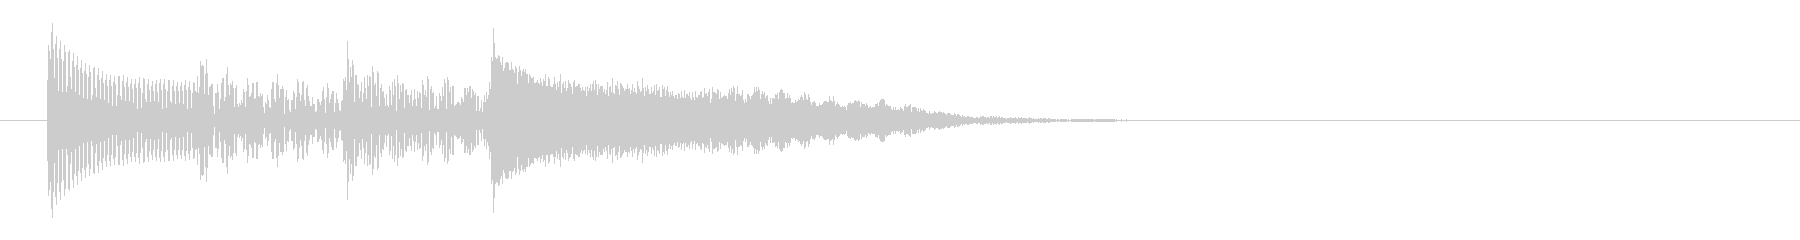 チャイム 16の未再生の波形